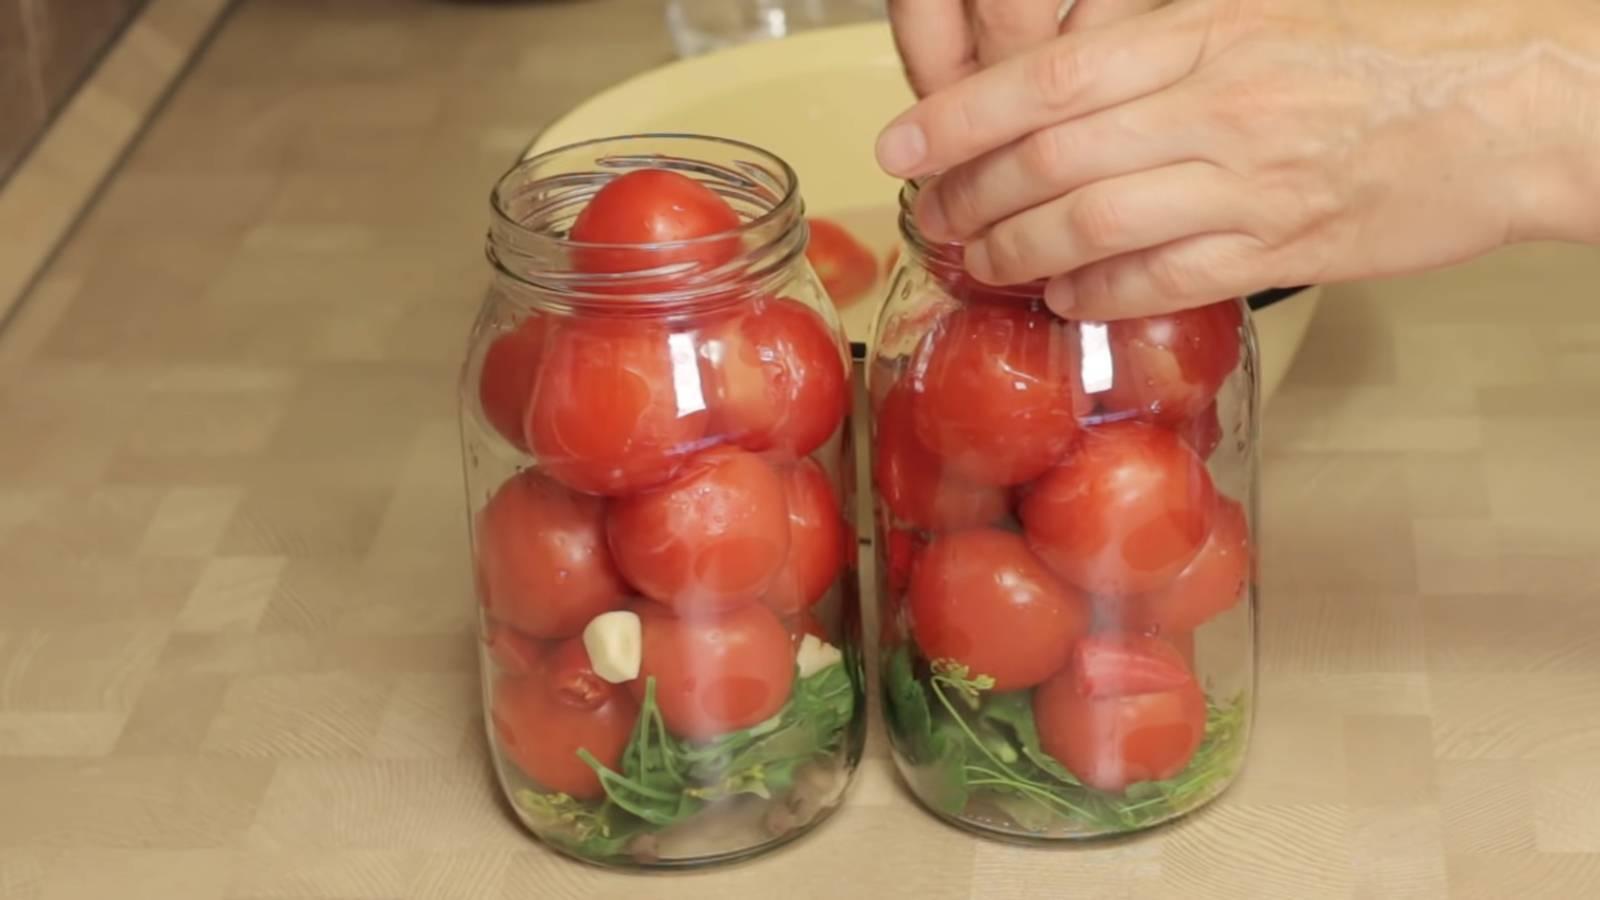 Помидоры черри в собственном соку на зиму: рецепты пальчики оближешь. рецепт приготовления с фото пошагово черри в собственном соку на зиму в домашних условиях